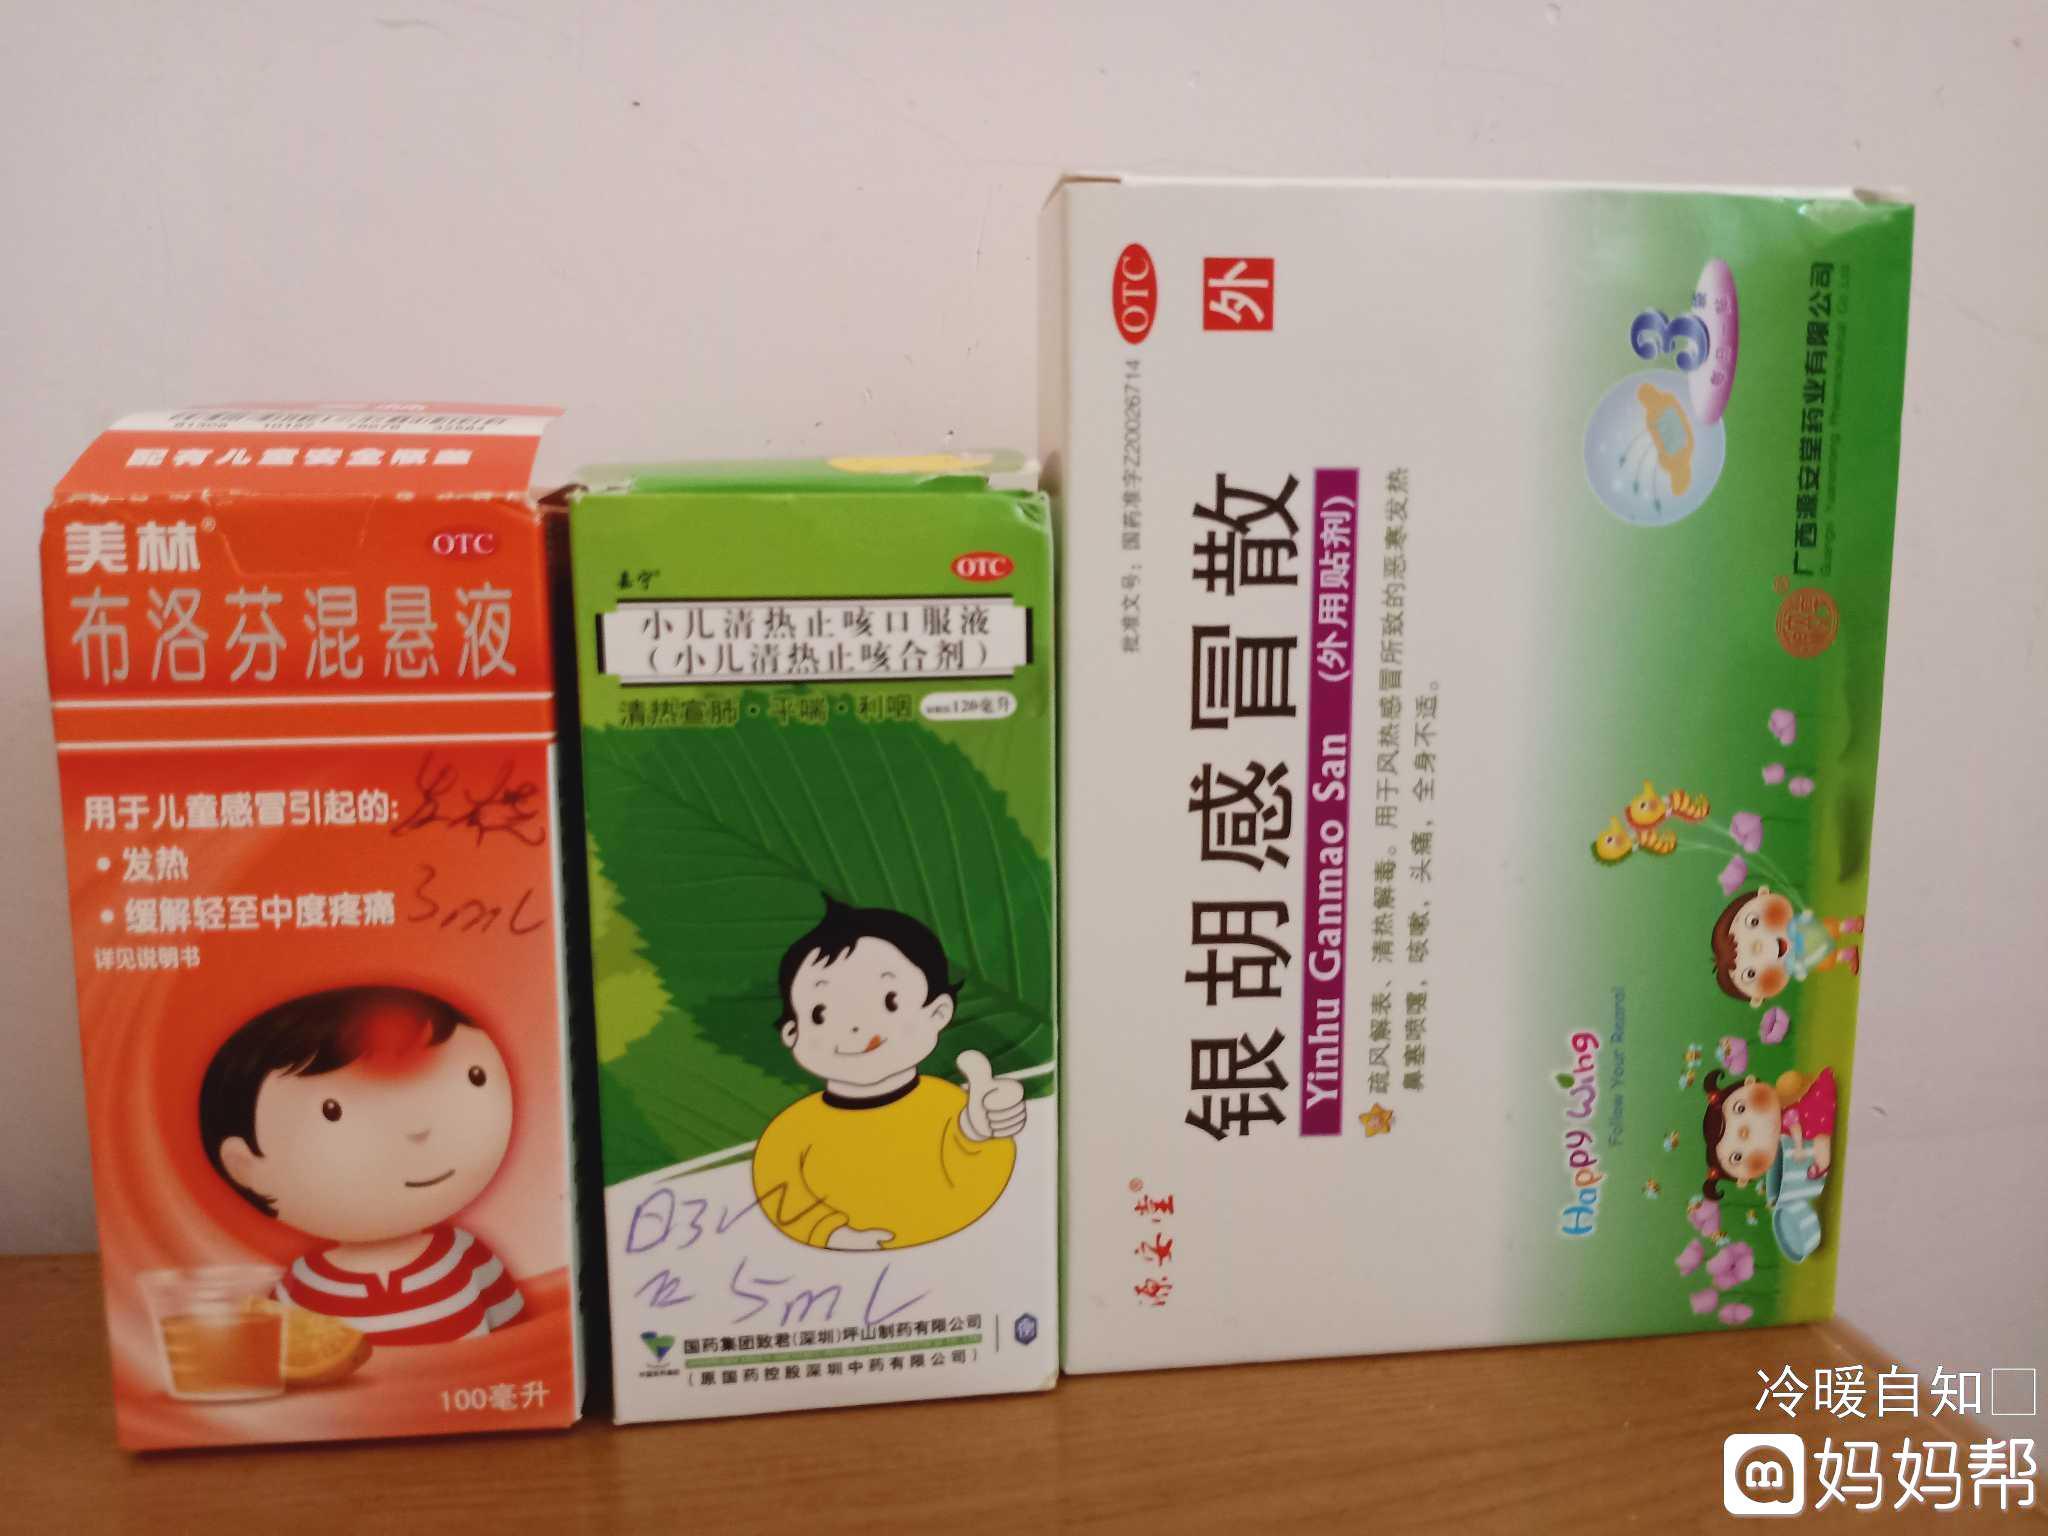 儿童感冒常用中成药推荐  推荐小儿感冒中成药